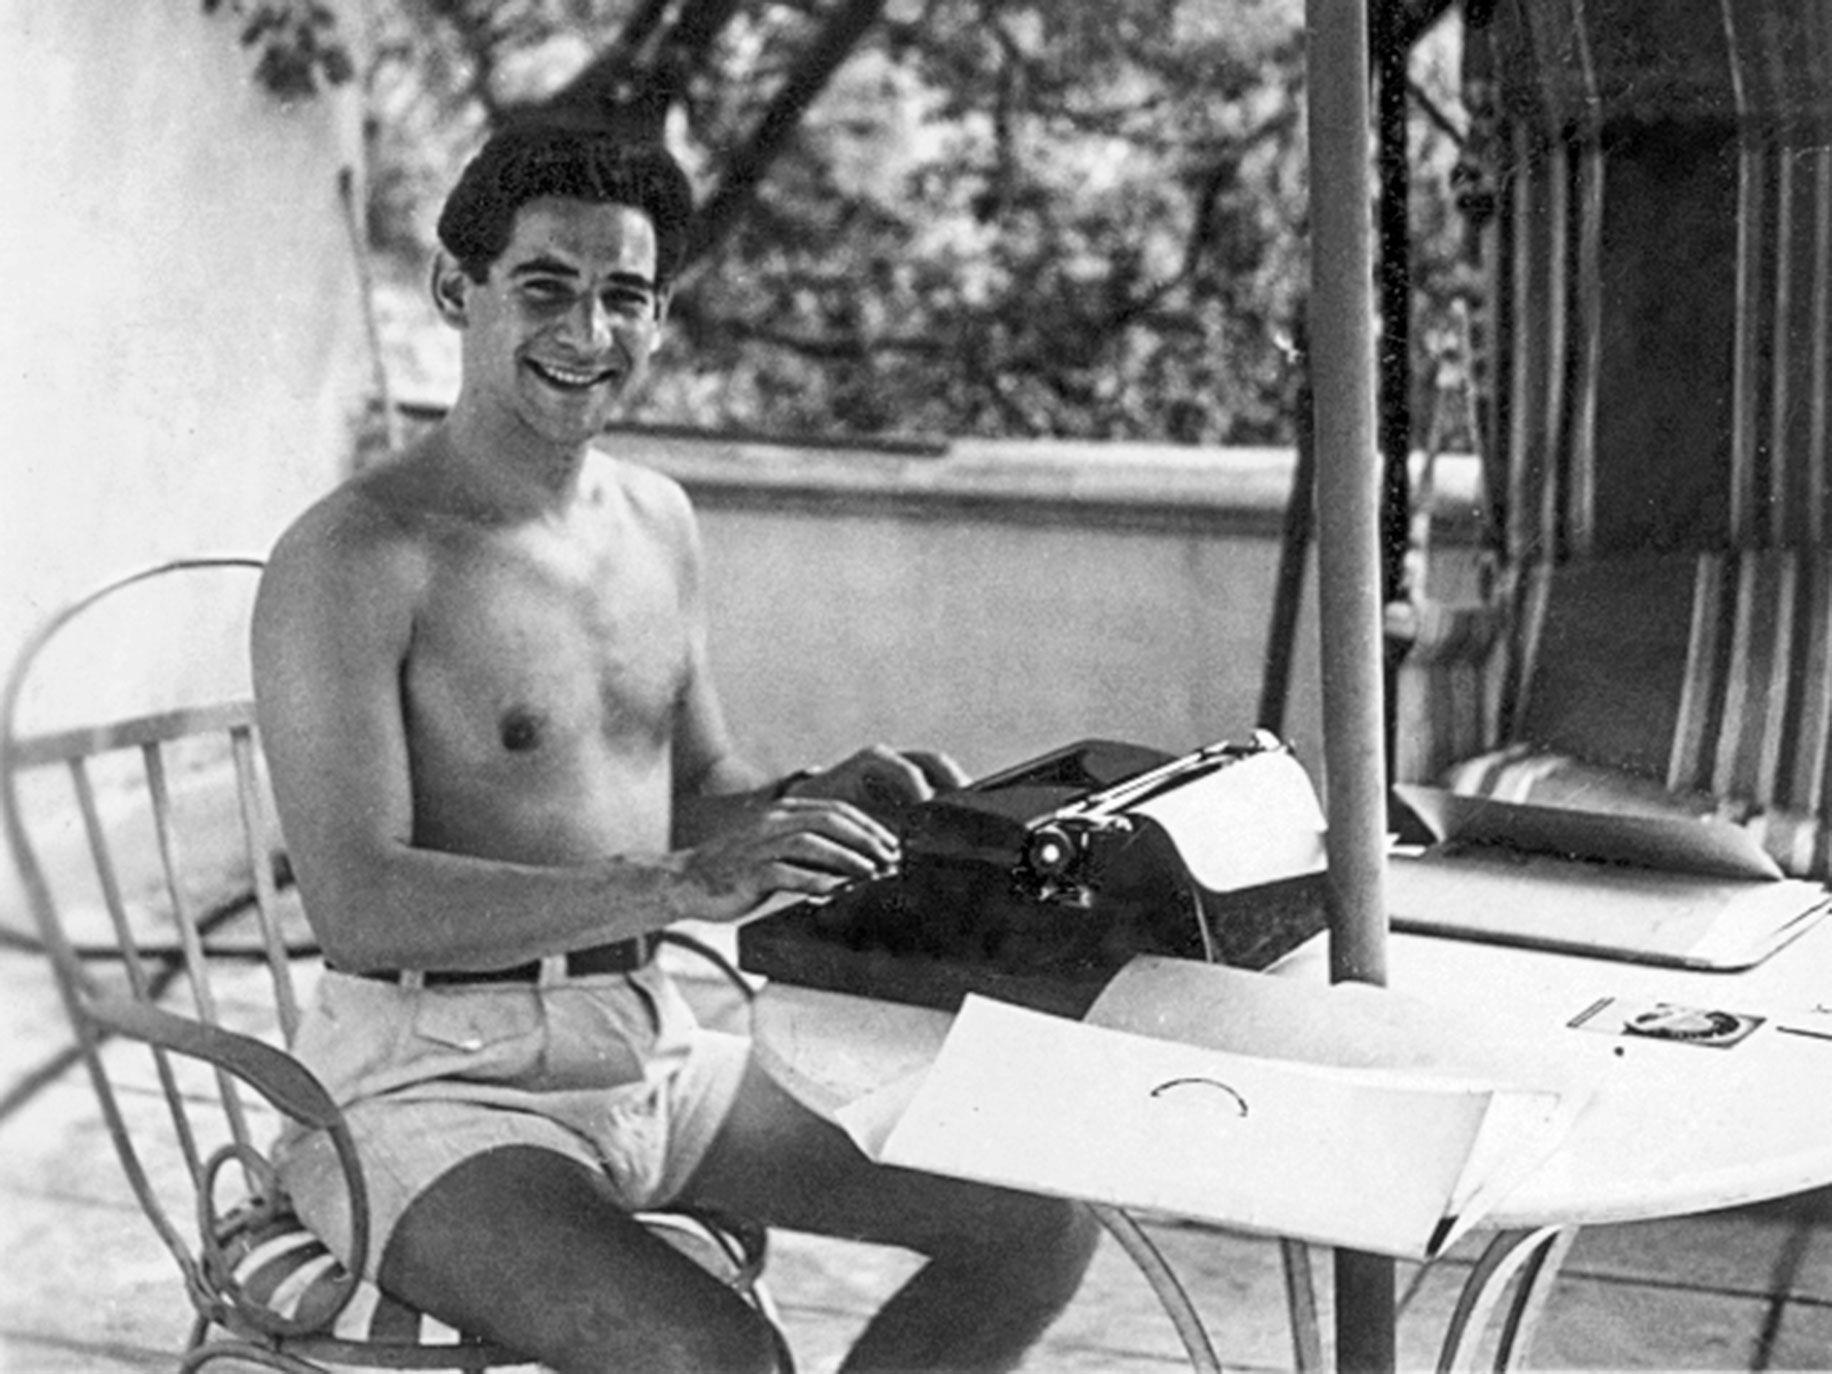 Leonard Bernstein in Hollywood, 1944, with portable typewriter.